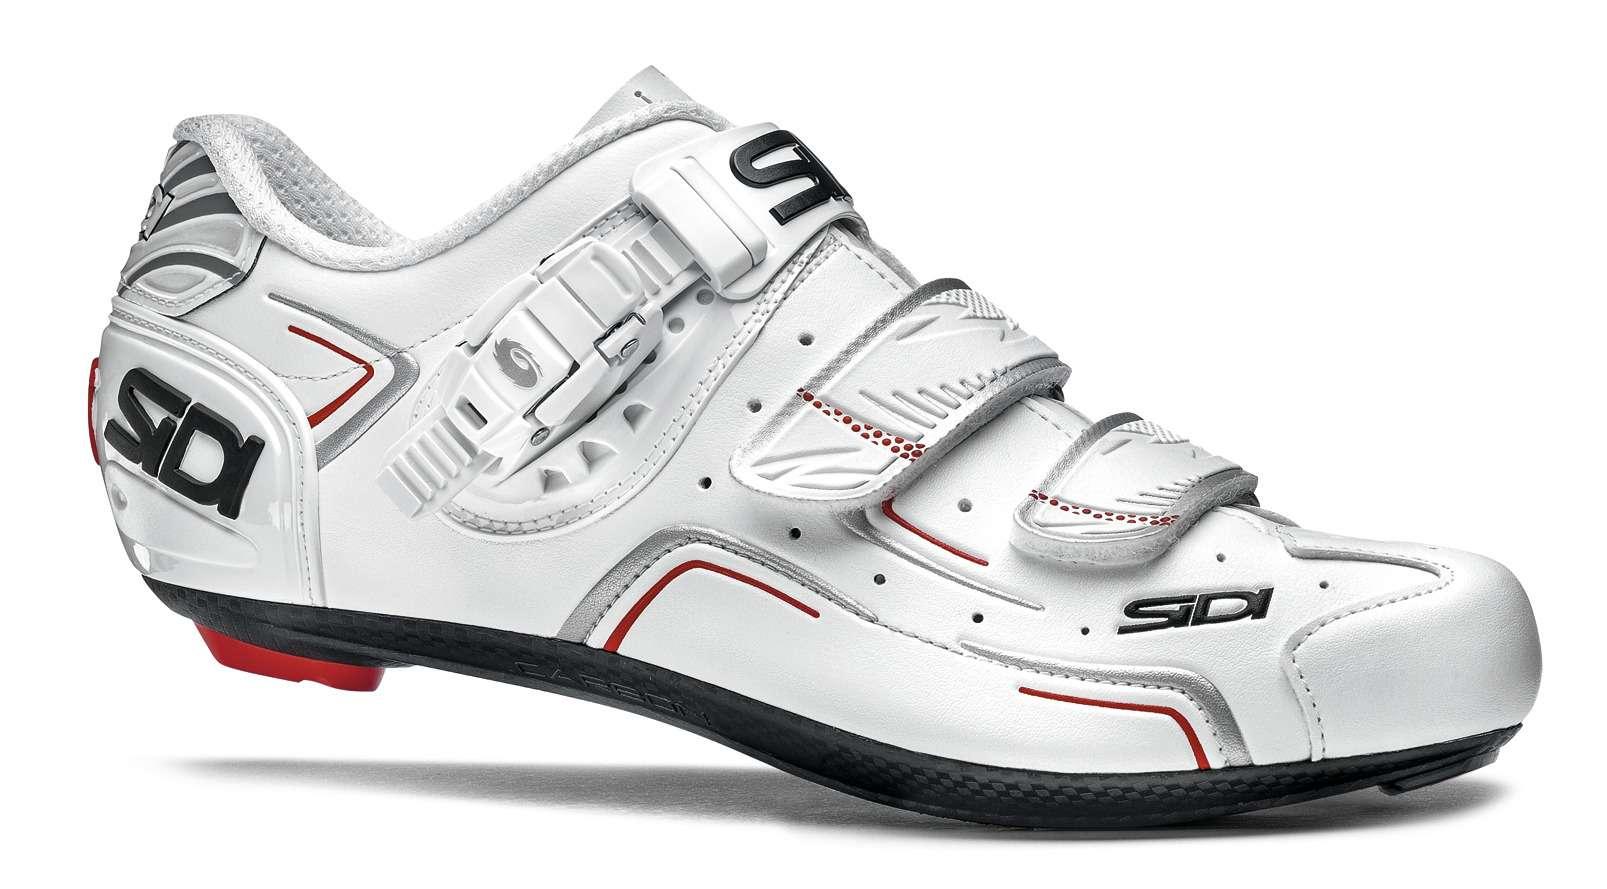 Chaussures Blanches Sidi Pour L'été Pour Les Hommes OfnqYc7S